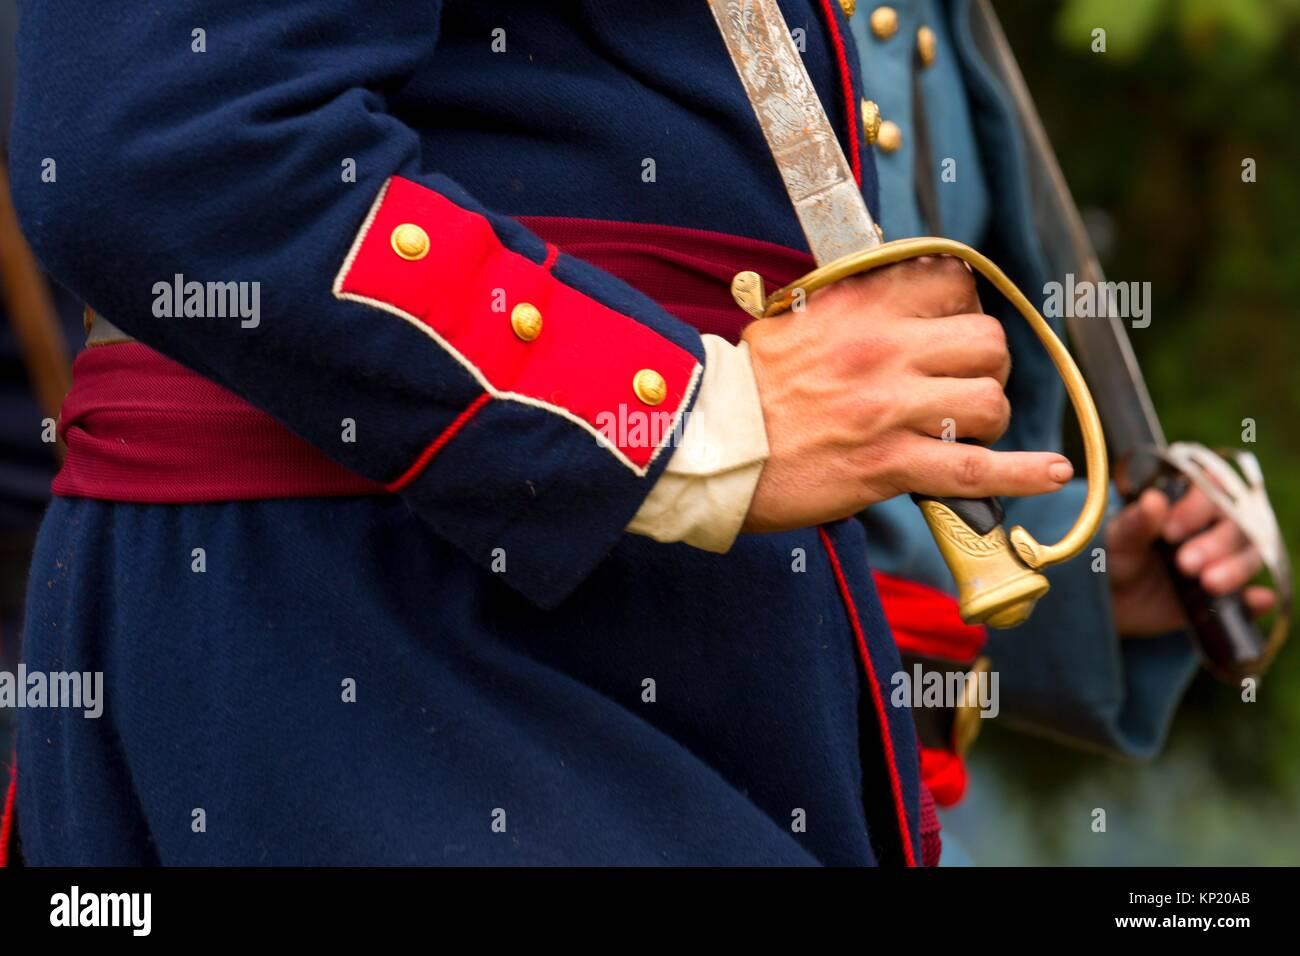 L'épée de l'Union européenne, la guerre civile, 5ème Mission Willamette State Park, Photo Stock